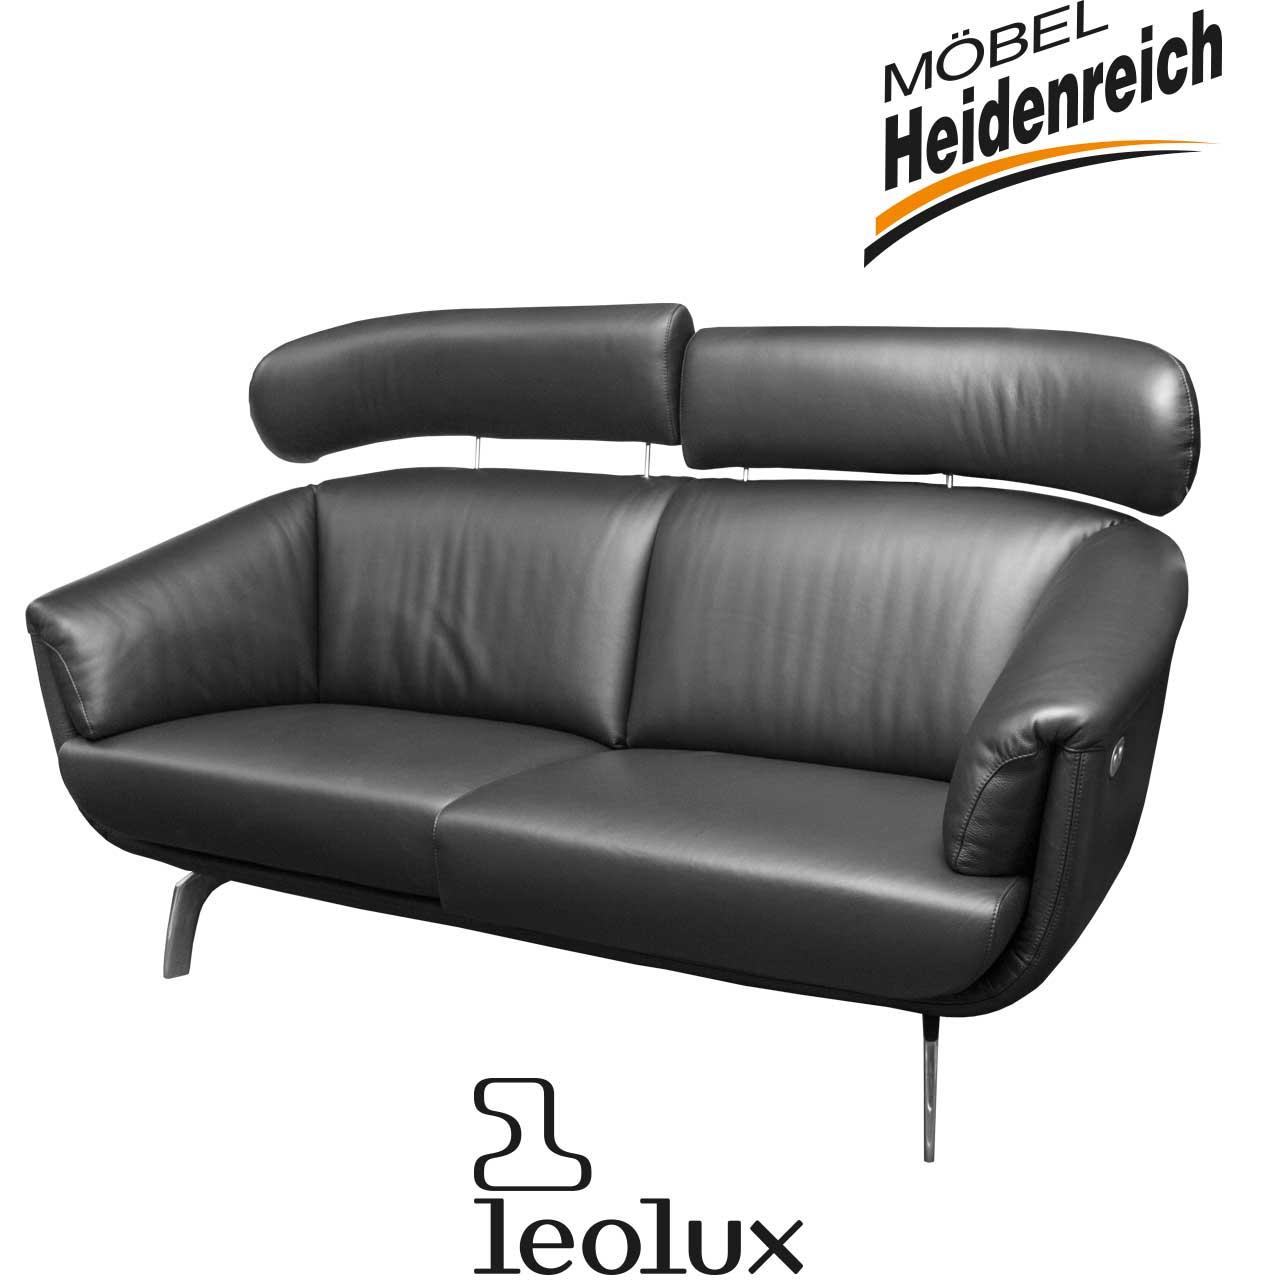 leolux marken m bel heidenreich. Black Bedroom Furniture Sets. Home Design Ideas